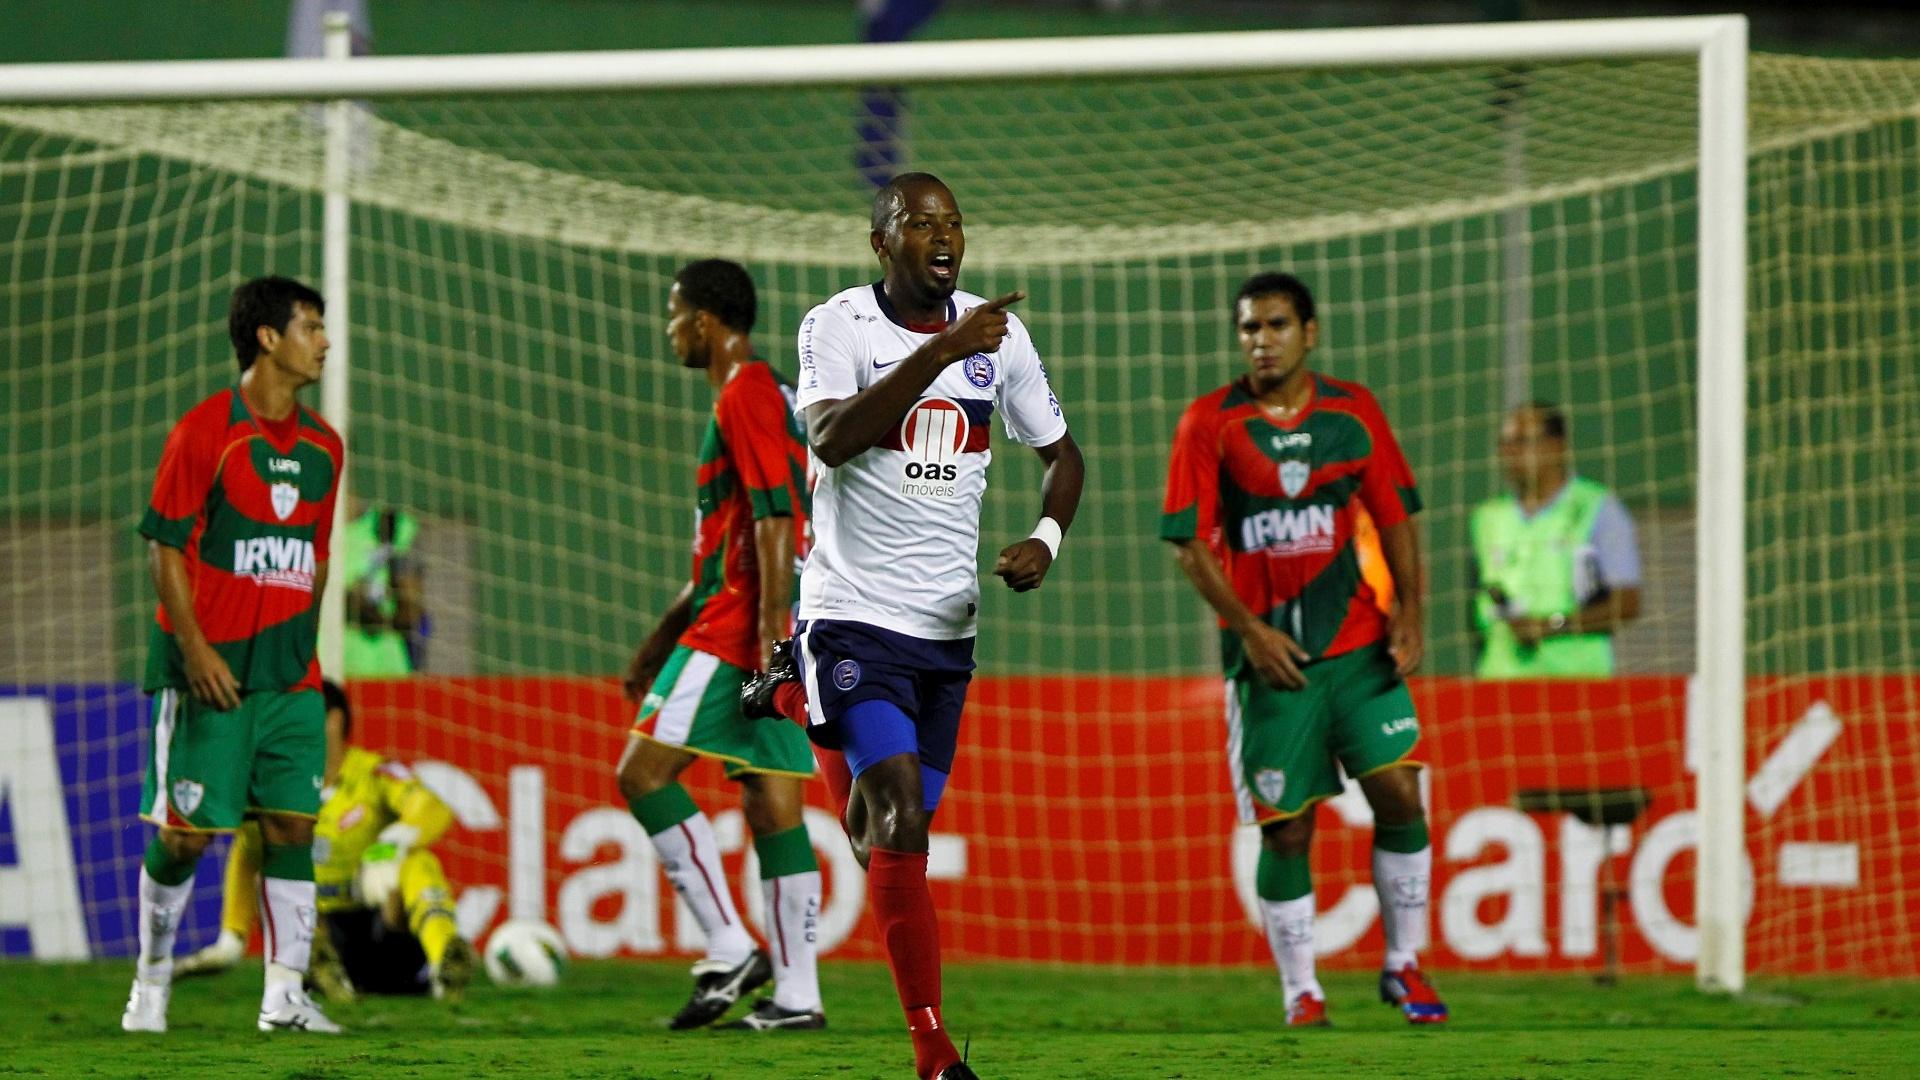 Fabinho comemora ao abrir o placar pelo Bahia contra a Portuguesa pela Copa do Brasil